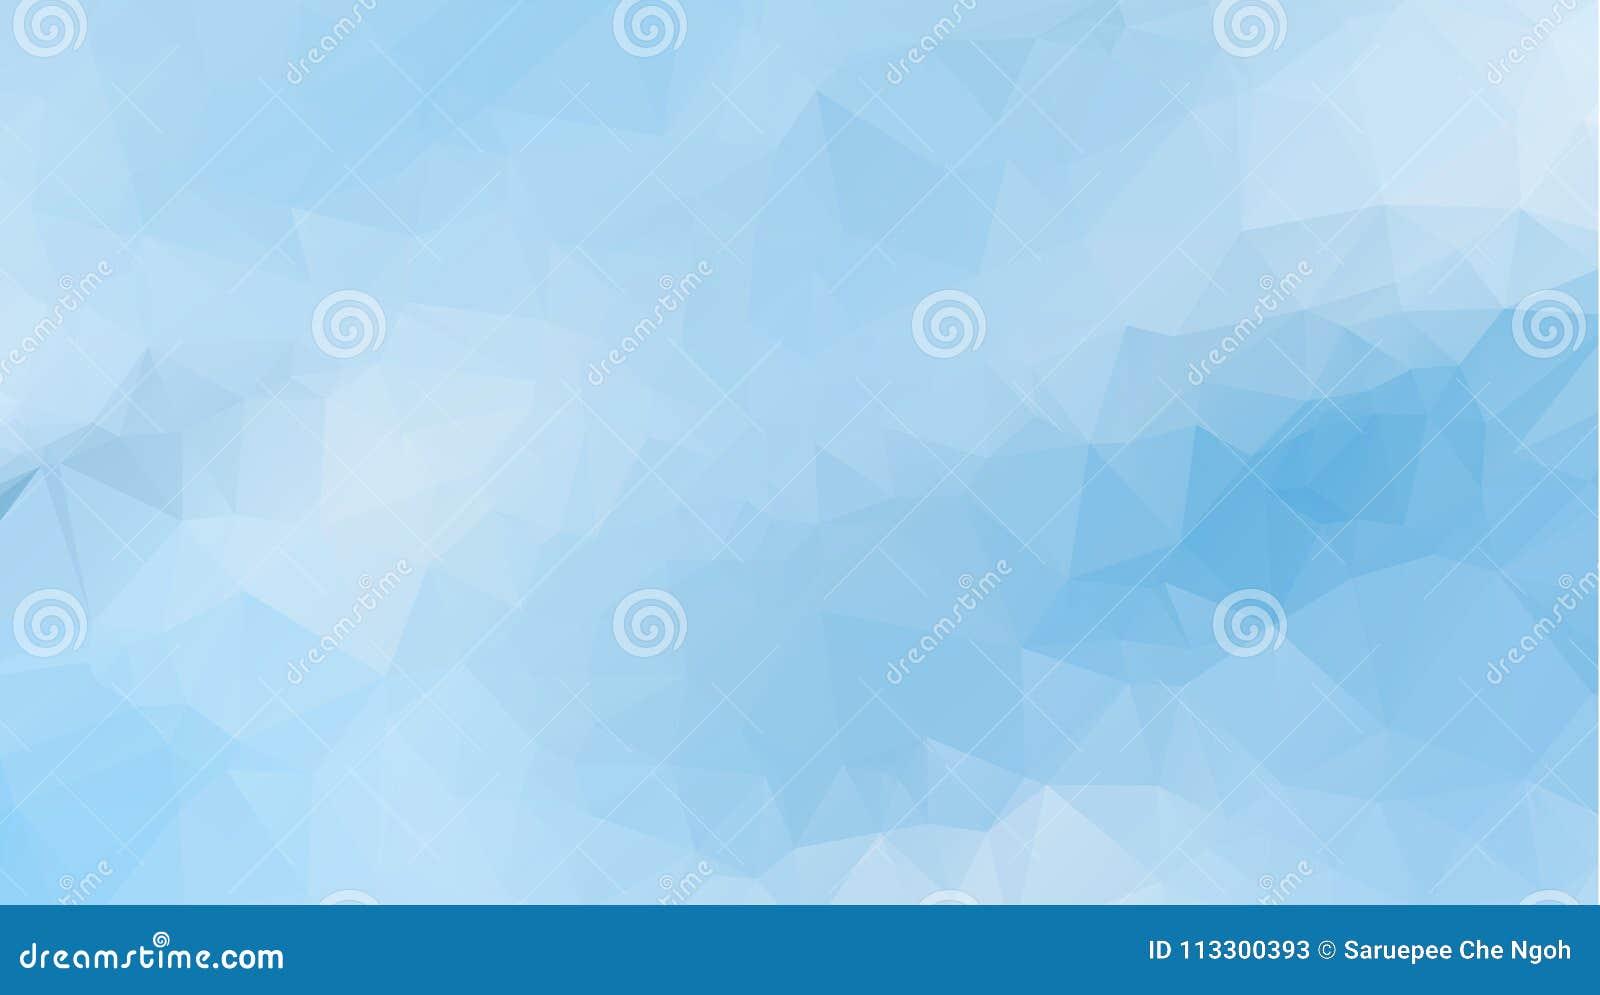 Vector Polygon-abstrakten modernen polygonalen geometrischen Dreieck-Hintergrund Blaulicht-geometrischer Dreieck-Hintergrund